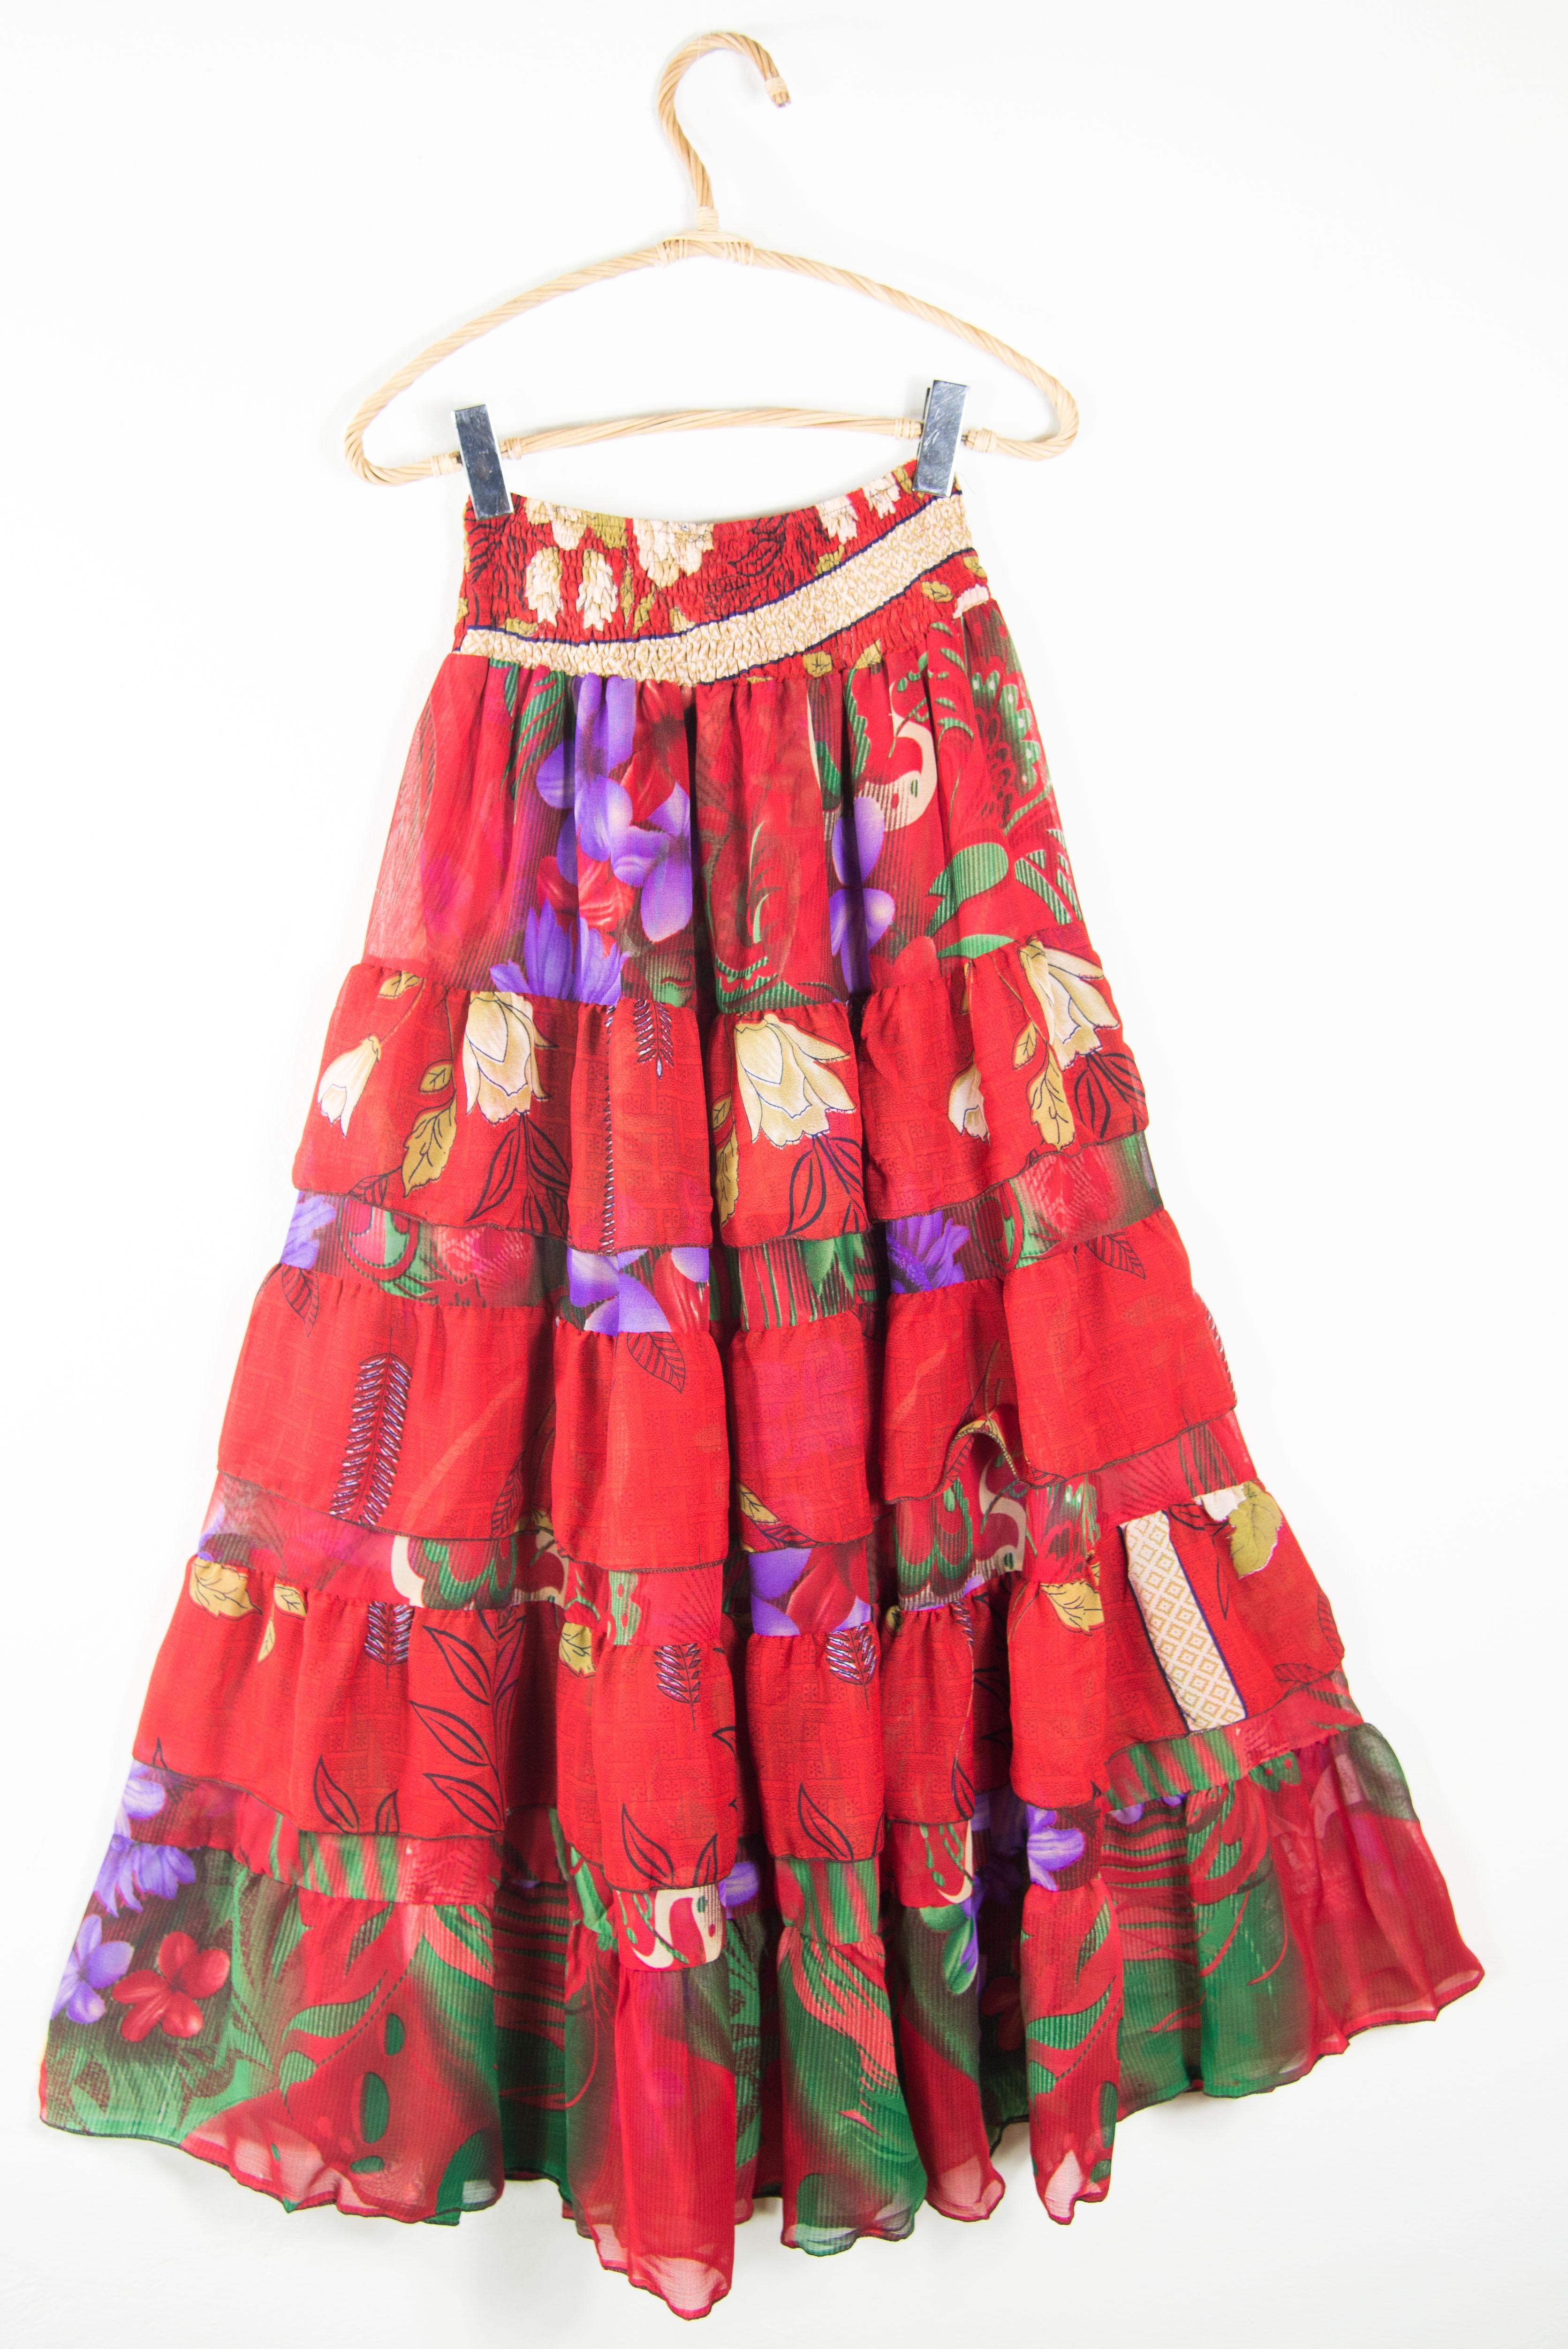 Gonna stile etnico. Abbigliamento donna on line